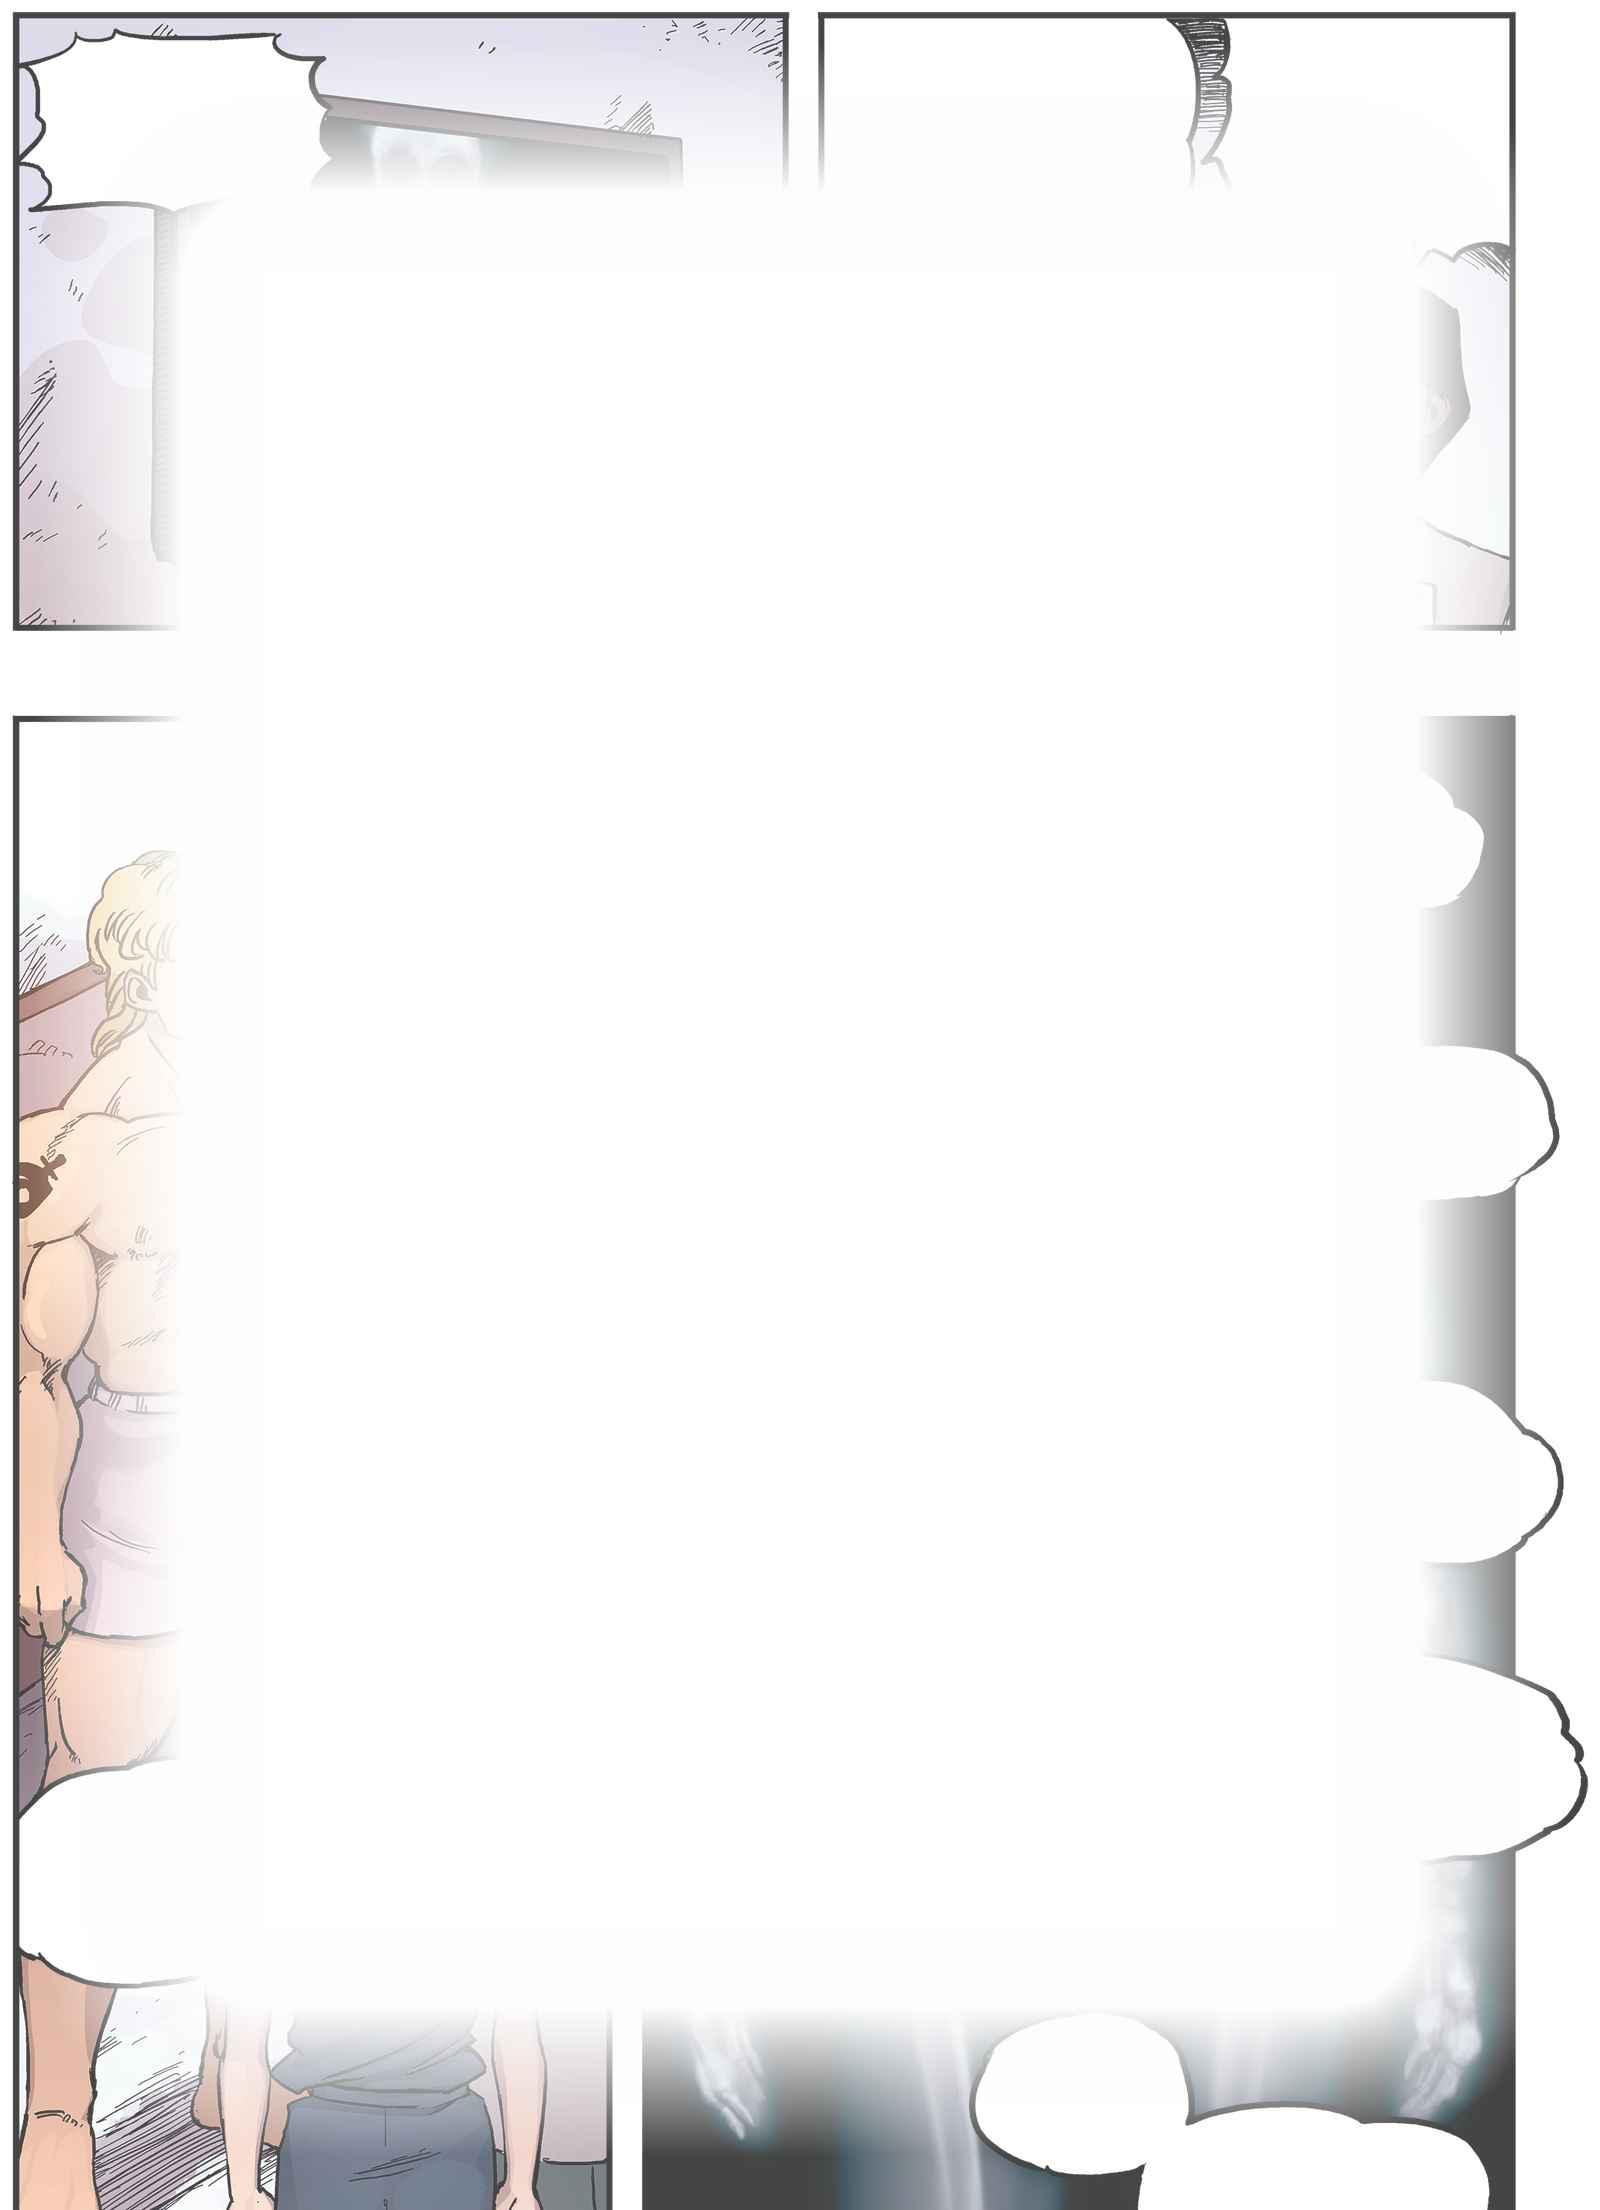 Hemisferios : Capítulo 8 página 8